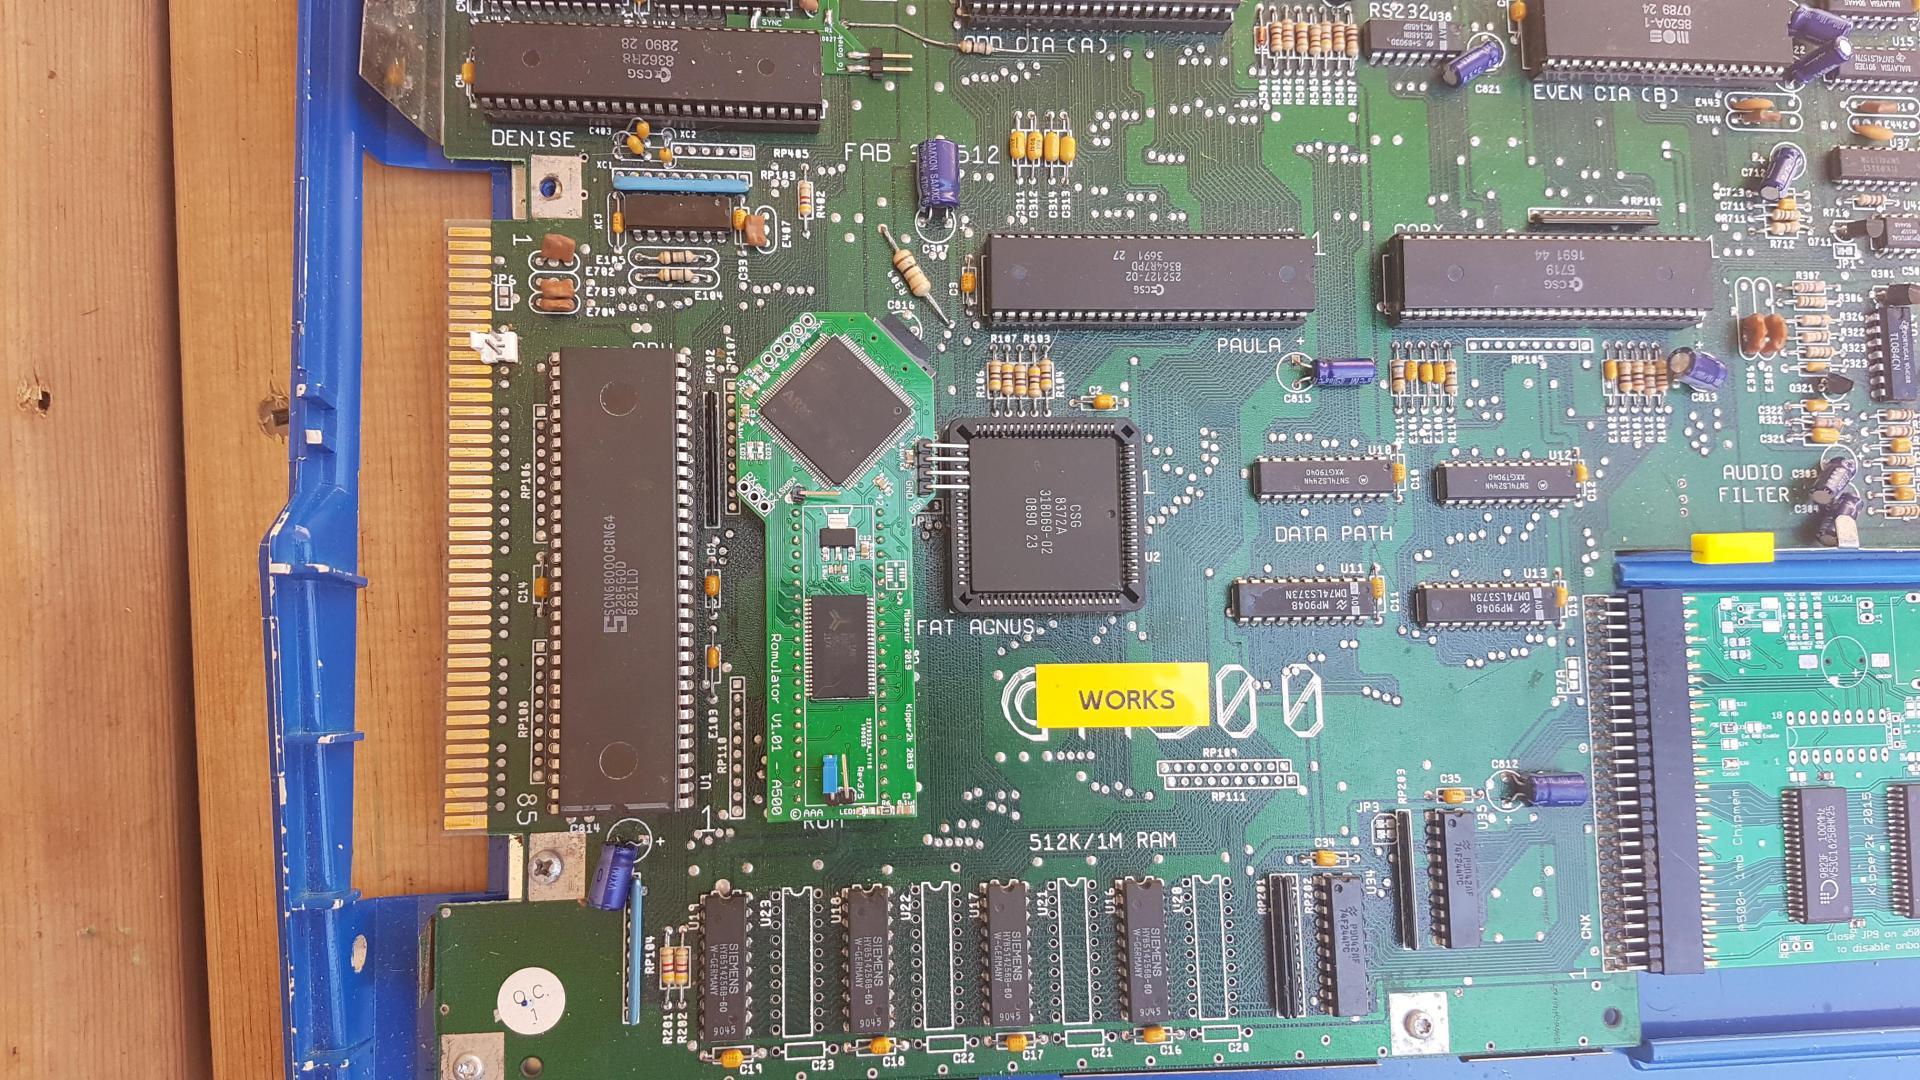 Klikněte na obrázek pro zobrazení větší verze  Název: romulatortop.jpg Zobrazeno: 78 Velikost: 445,7 KB ID: 9610